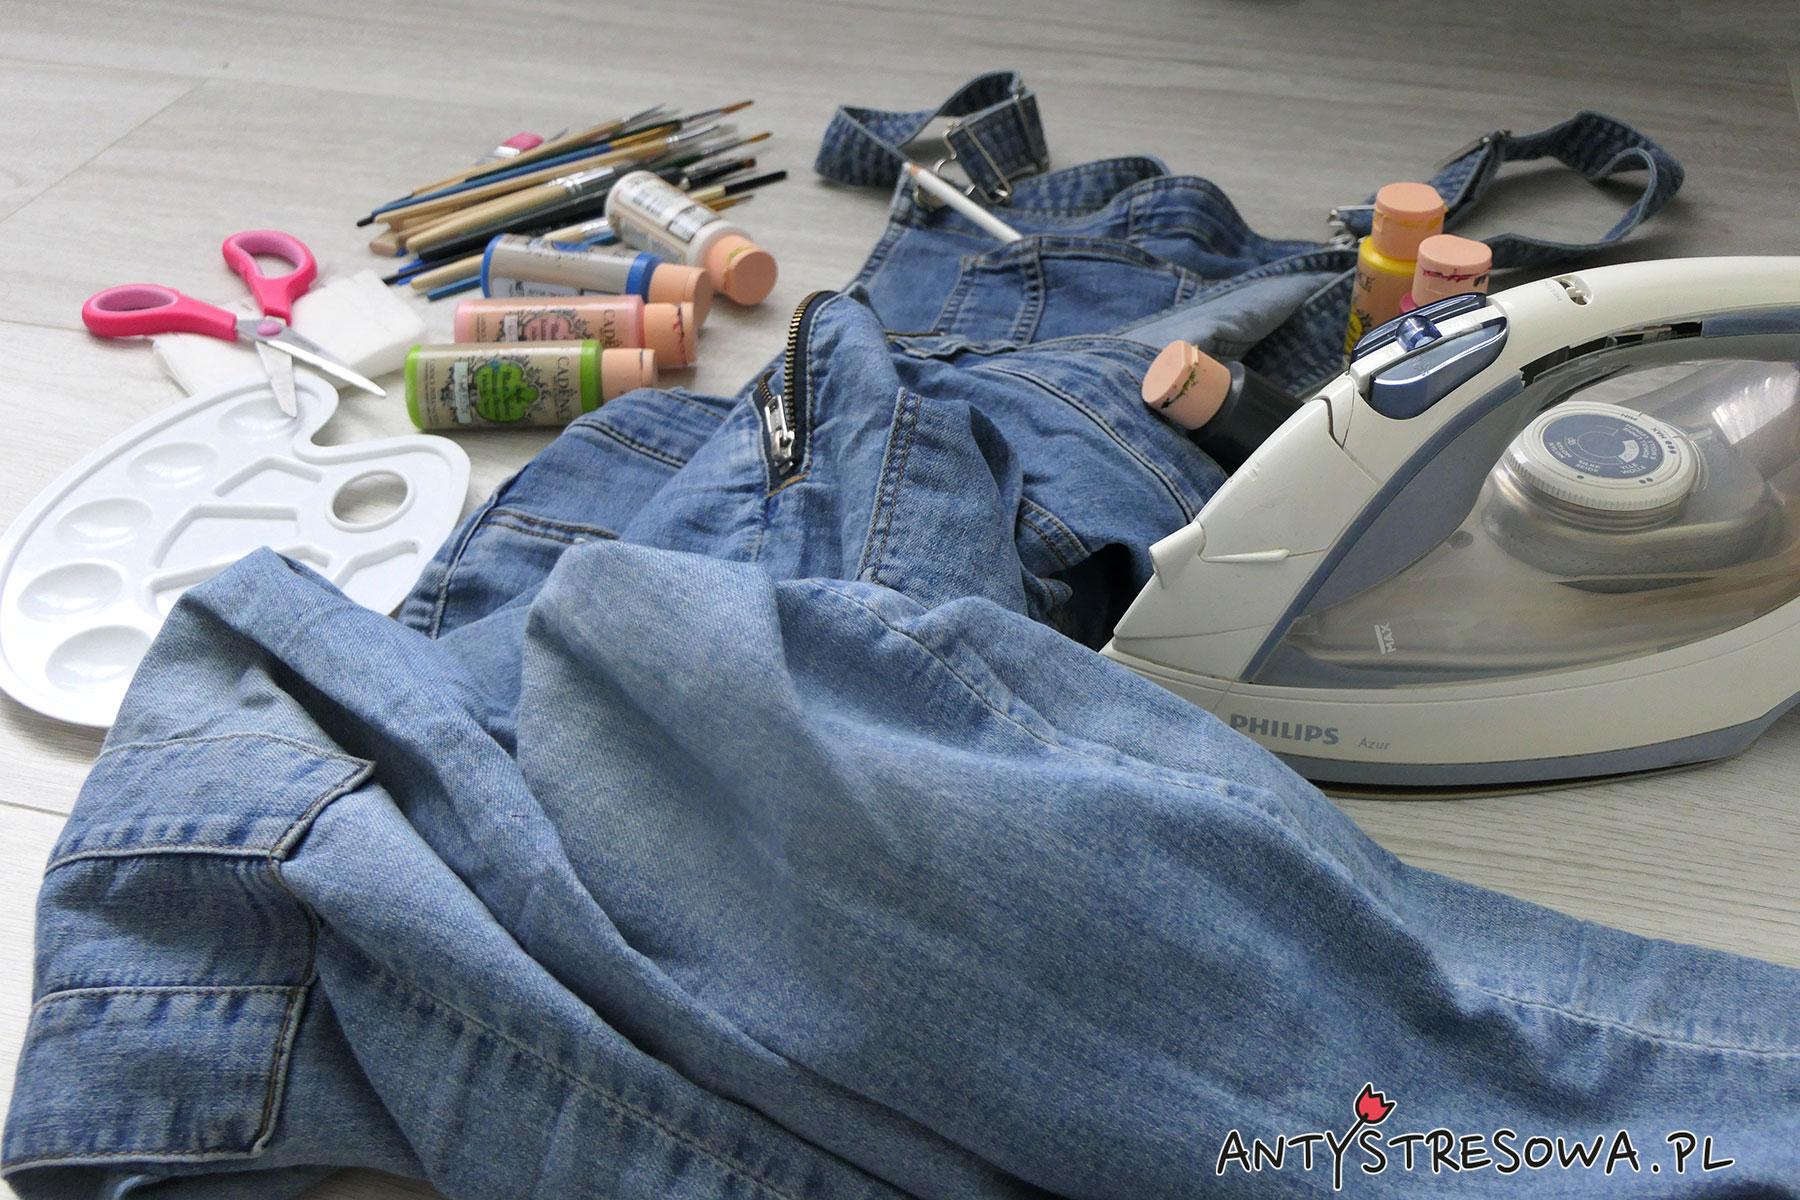 Malowanie jeansów farbami do tkanin - co jest nam potrzebne?